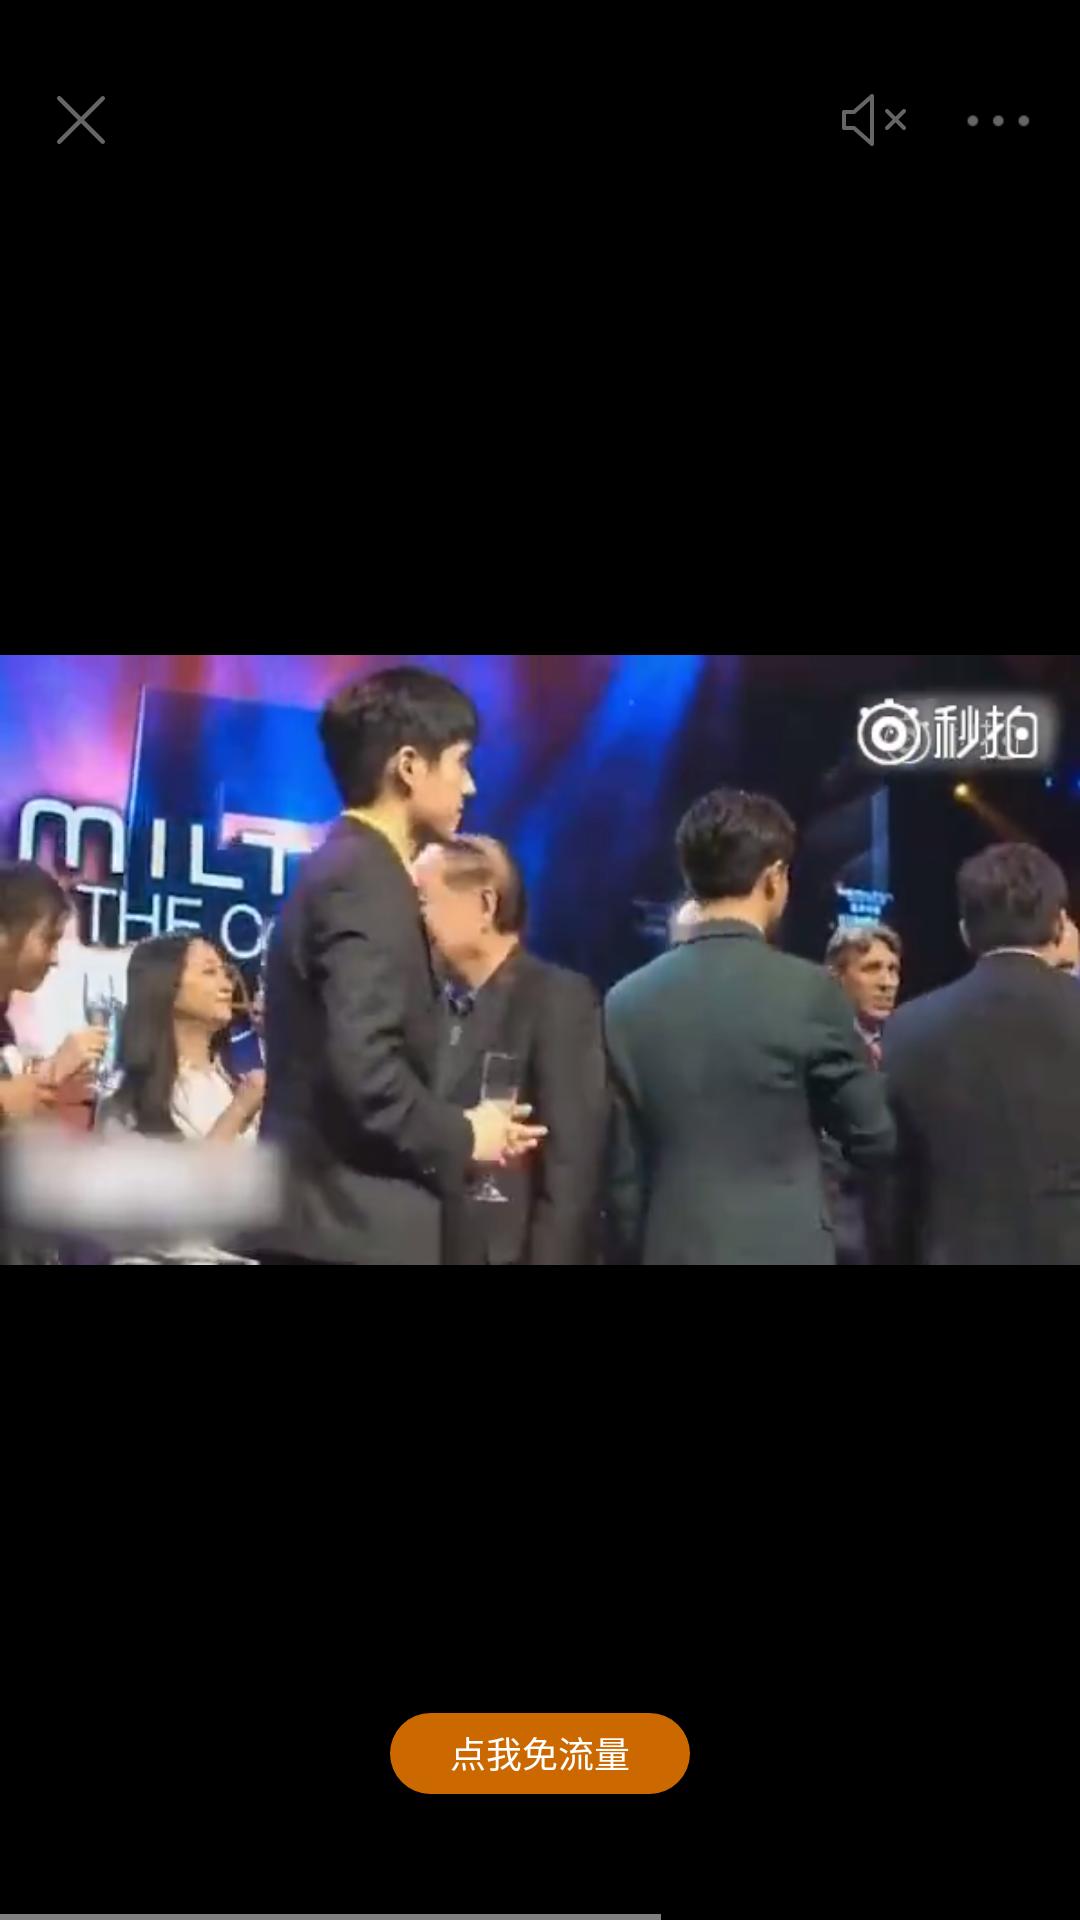 刘昊然和黄轩某活动上碰杯后仰头一口闷,网友:这孩子太诚实了!